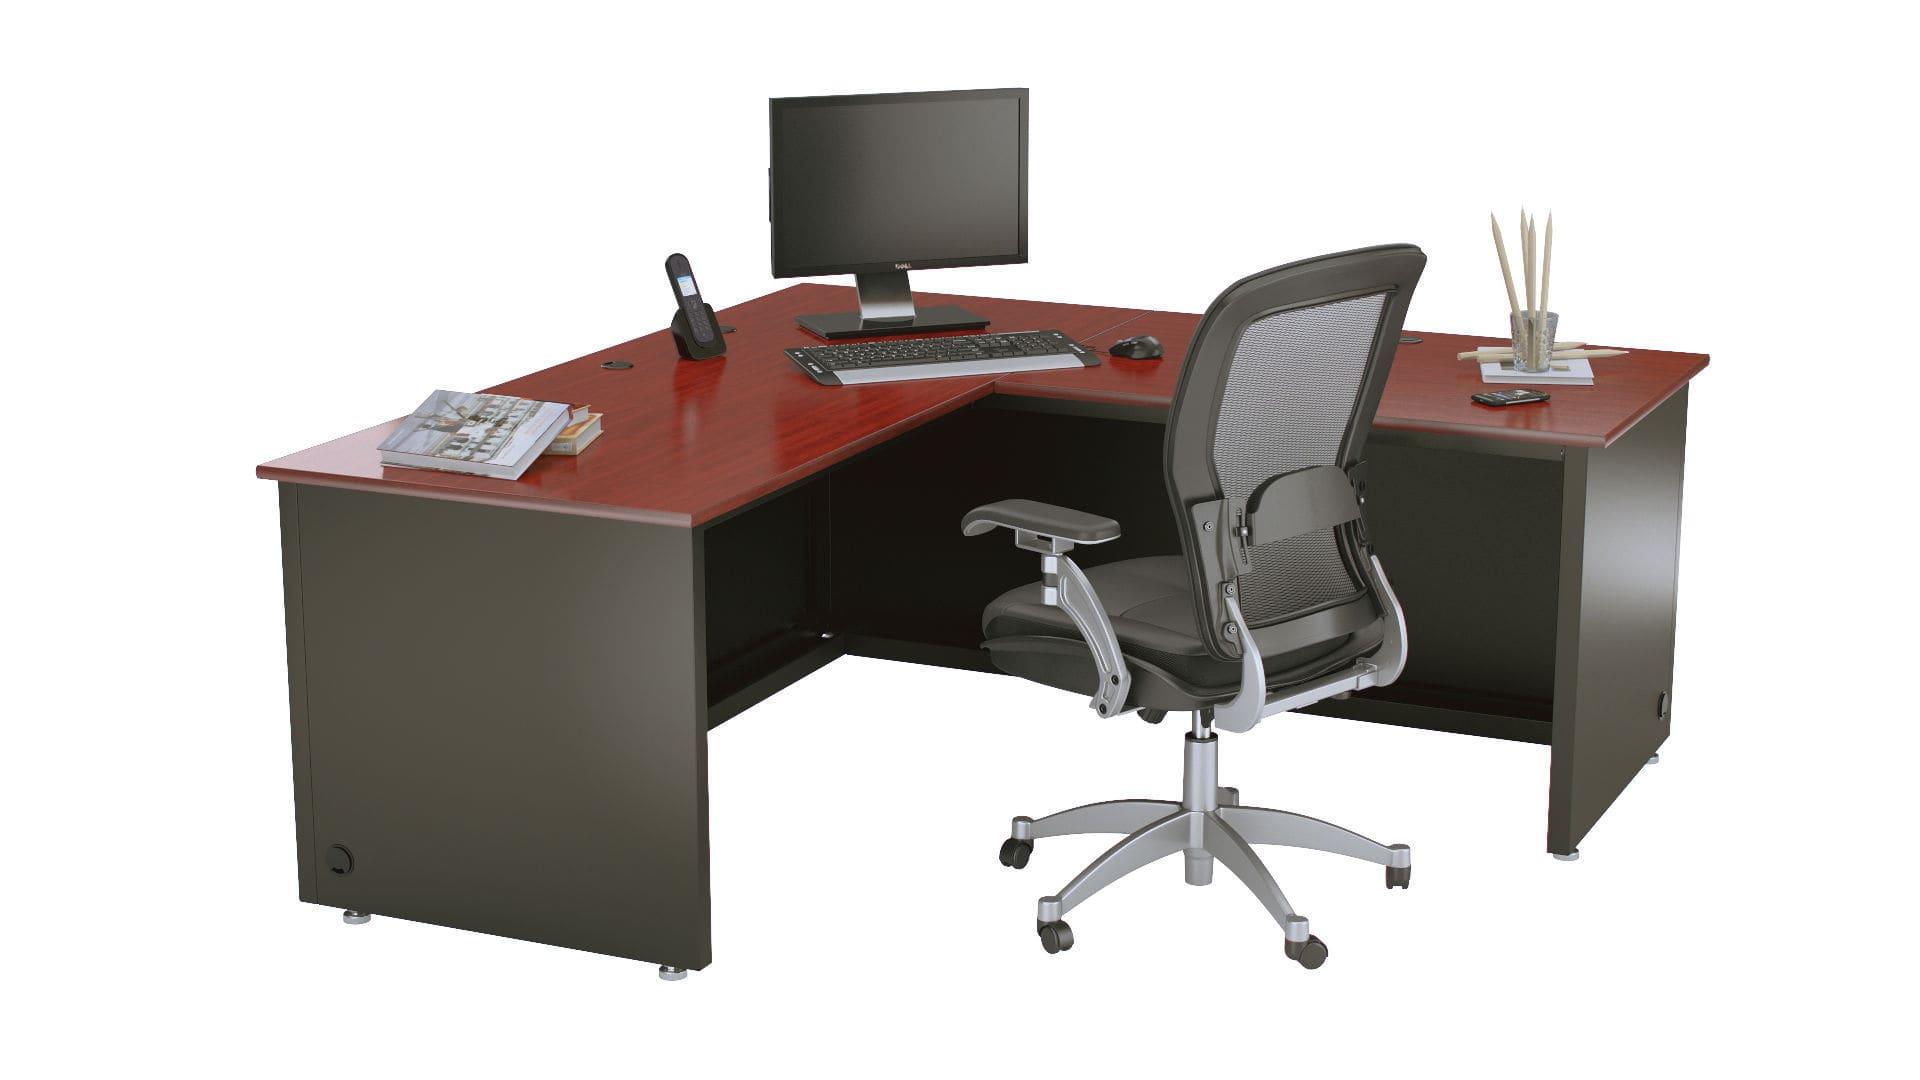 Superieur Executive Desk / Wooden / Laminate / Contemporary ...